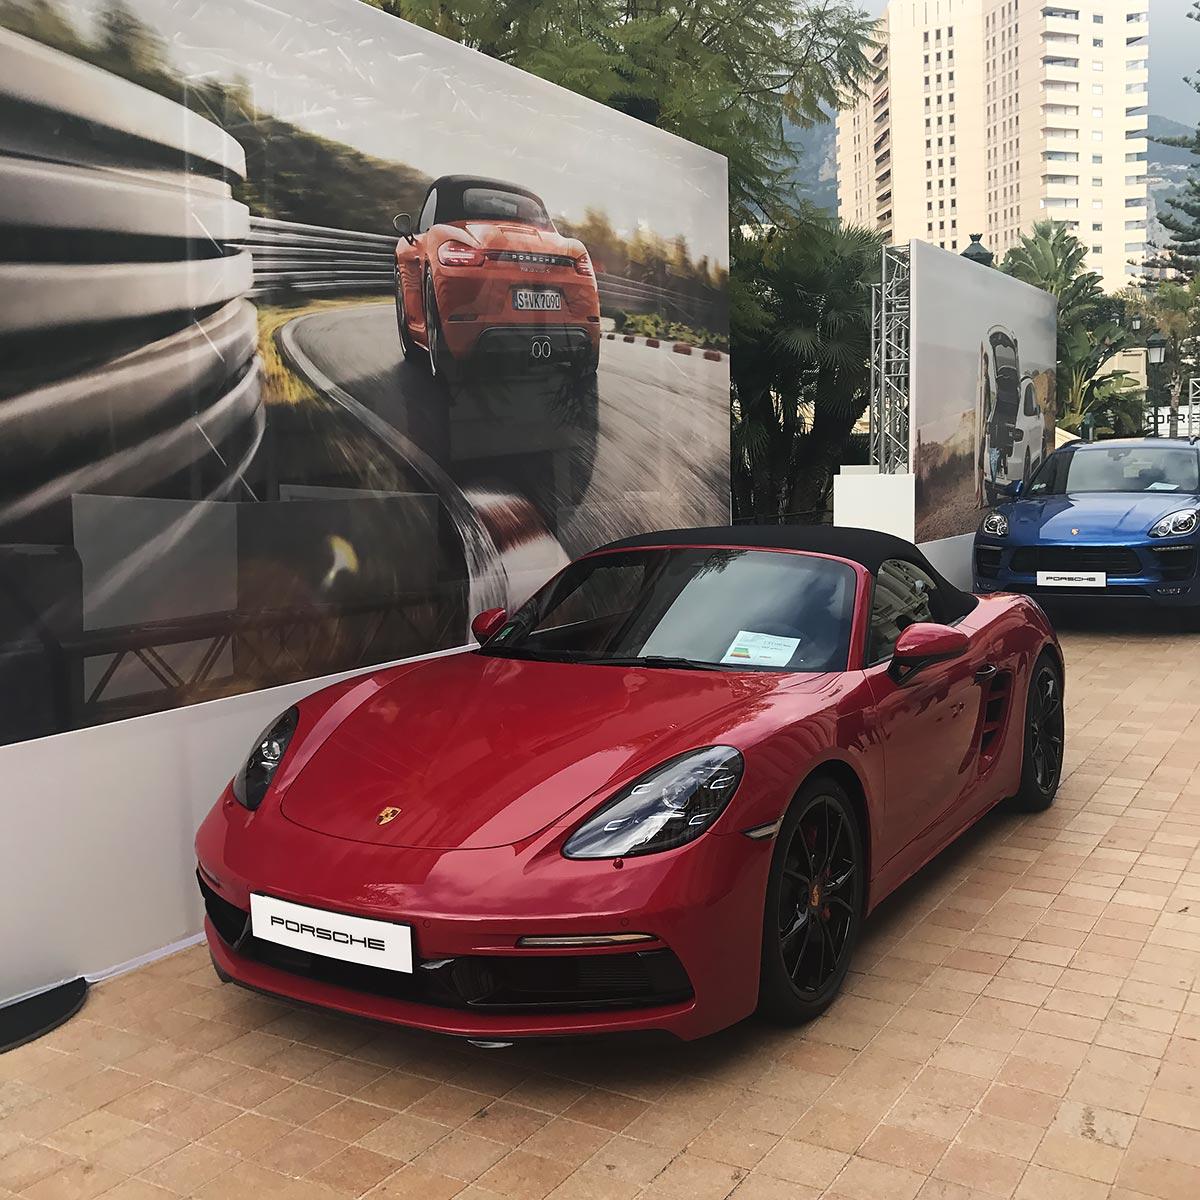 Monaco International Motor Show - Porsche 718 Boxster